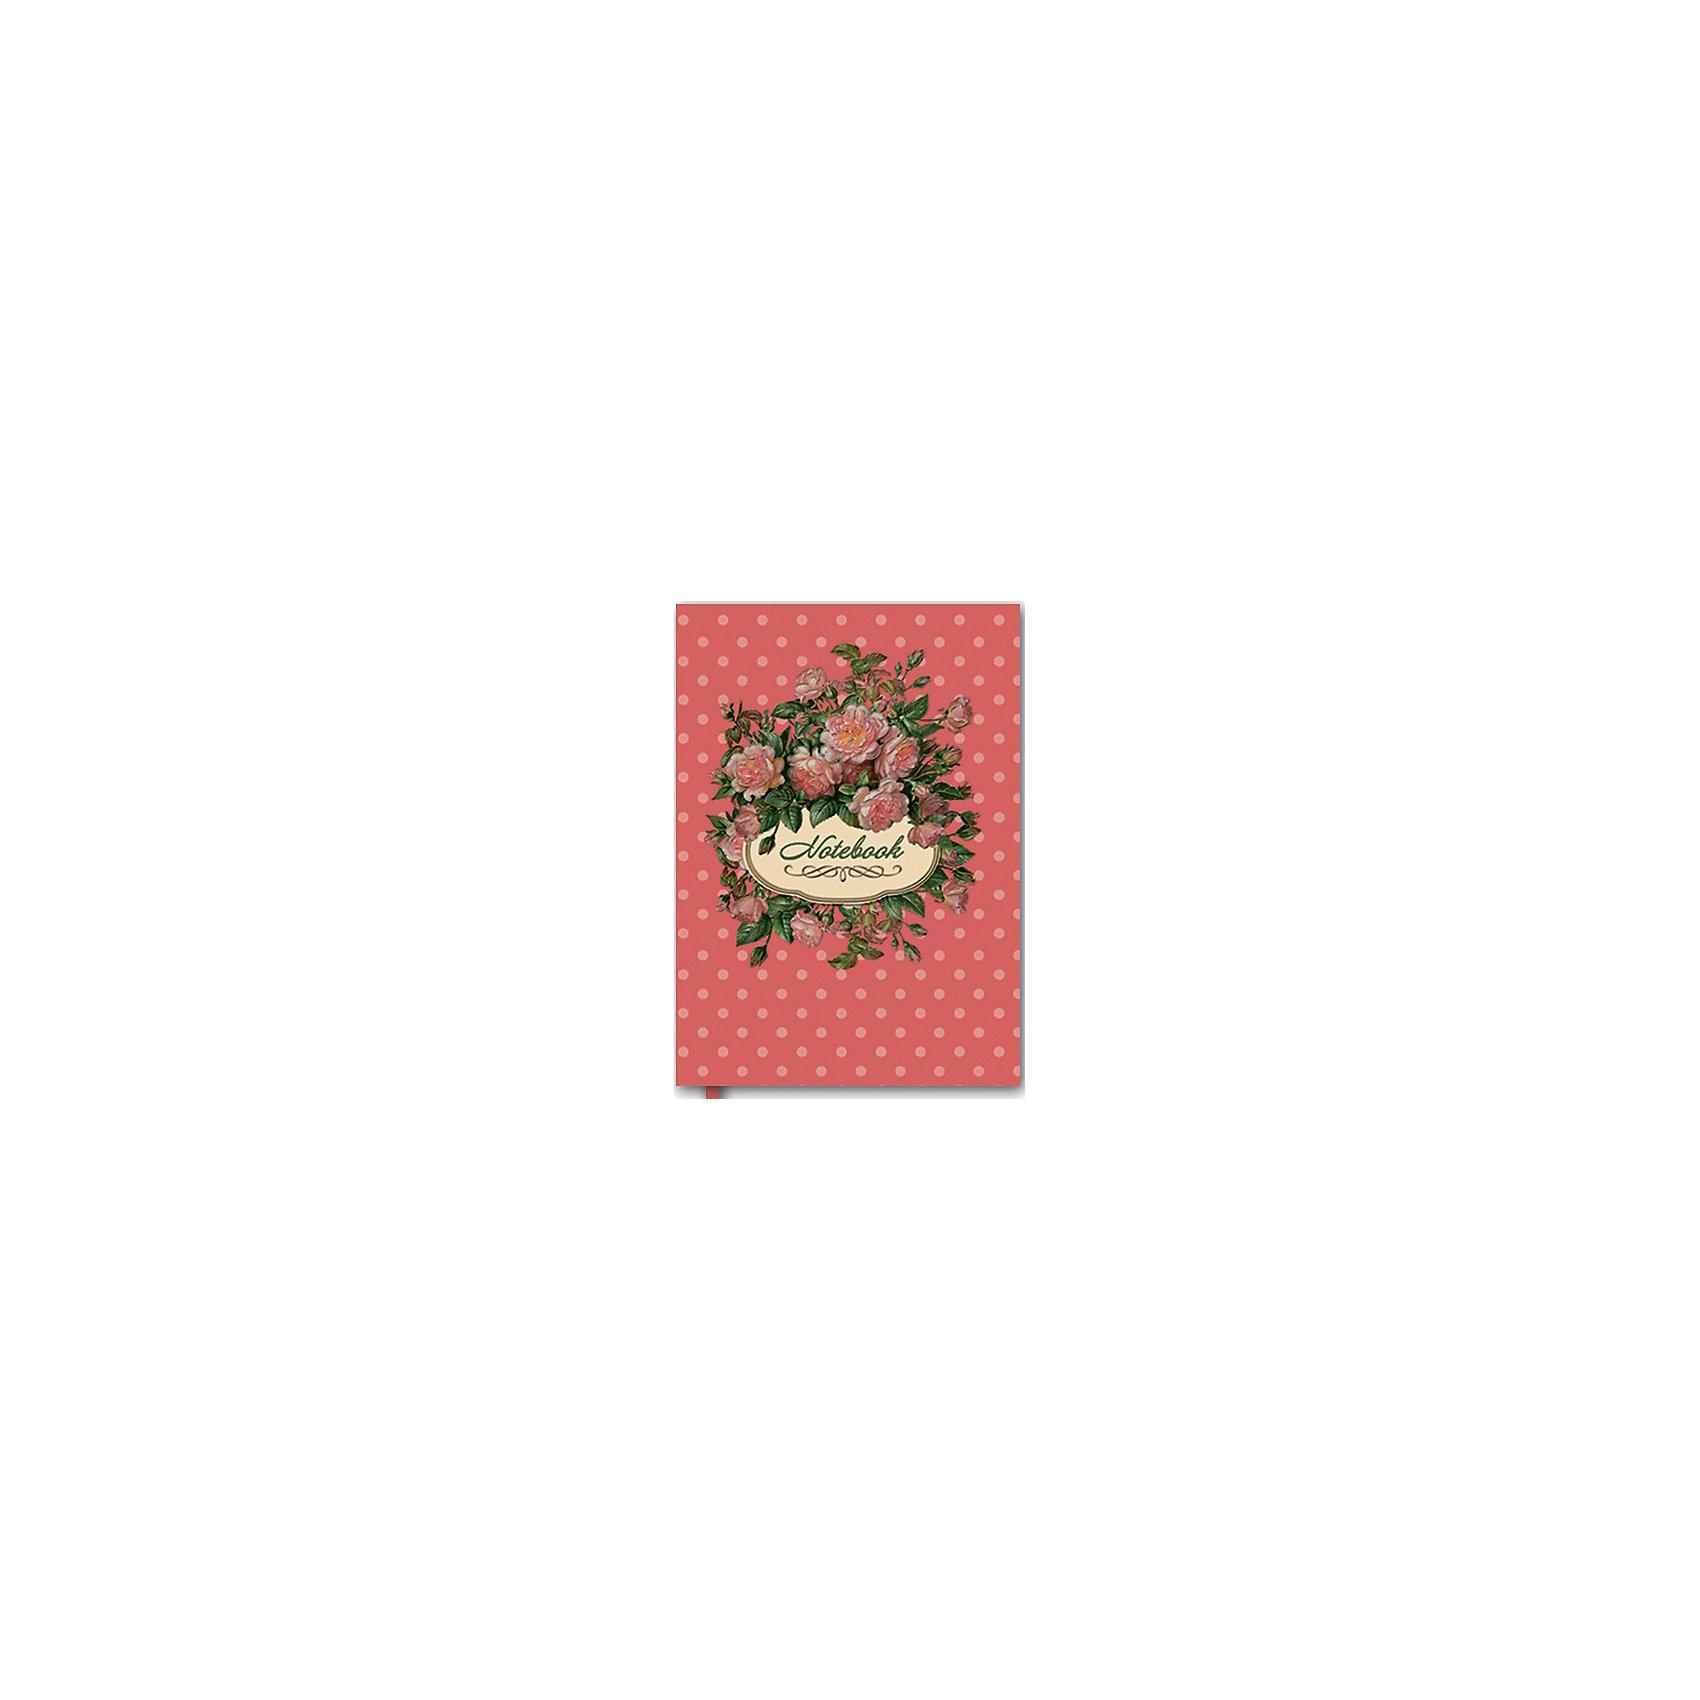 Ежедневник недатированный Цветочная фантазия, А6Яркий красивый ежедневник станет прекрасным сувениром на любой праздник! Ежедневник имеет твердую обложку, плотные страницы и небольшой формат - он без труда поместится в любой сумке и всегда будет под рукой. <br><br>Дополнительная информация:<br><br>- Обложка: твердая, интегральный переплет, полноцветная печать по ткани, тиснение золотой фольгой.<br>- Количество страниц: 240.<br>- Формат А6 (12,5 х 18 см.).<br>- Компактный формат. <br><br>Ежедневник недатированный Цветочная фантазия, А6, можно купить в нашем магазине.<br><br>Ширина мм: 150<br>Глубина мм: 110<br>Высота мм: 10<br>Вес г: 145<br>Возраст от месяцев: 48<br>Возраст до месяцев: 2147483647<br>Пол: Женский<br>Возраст: Детский<br>SKU: 4756009